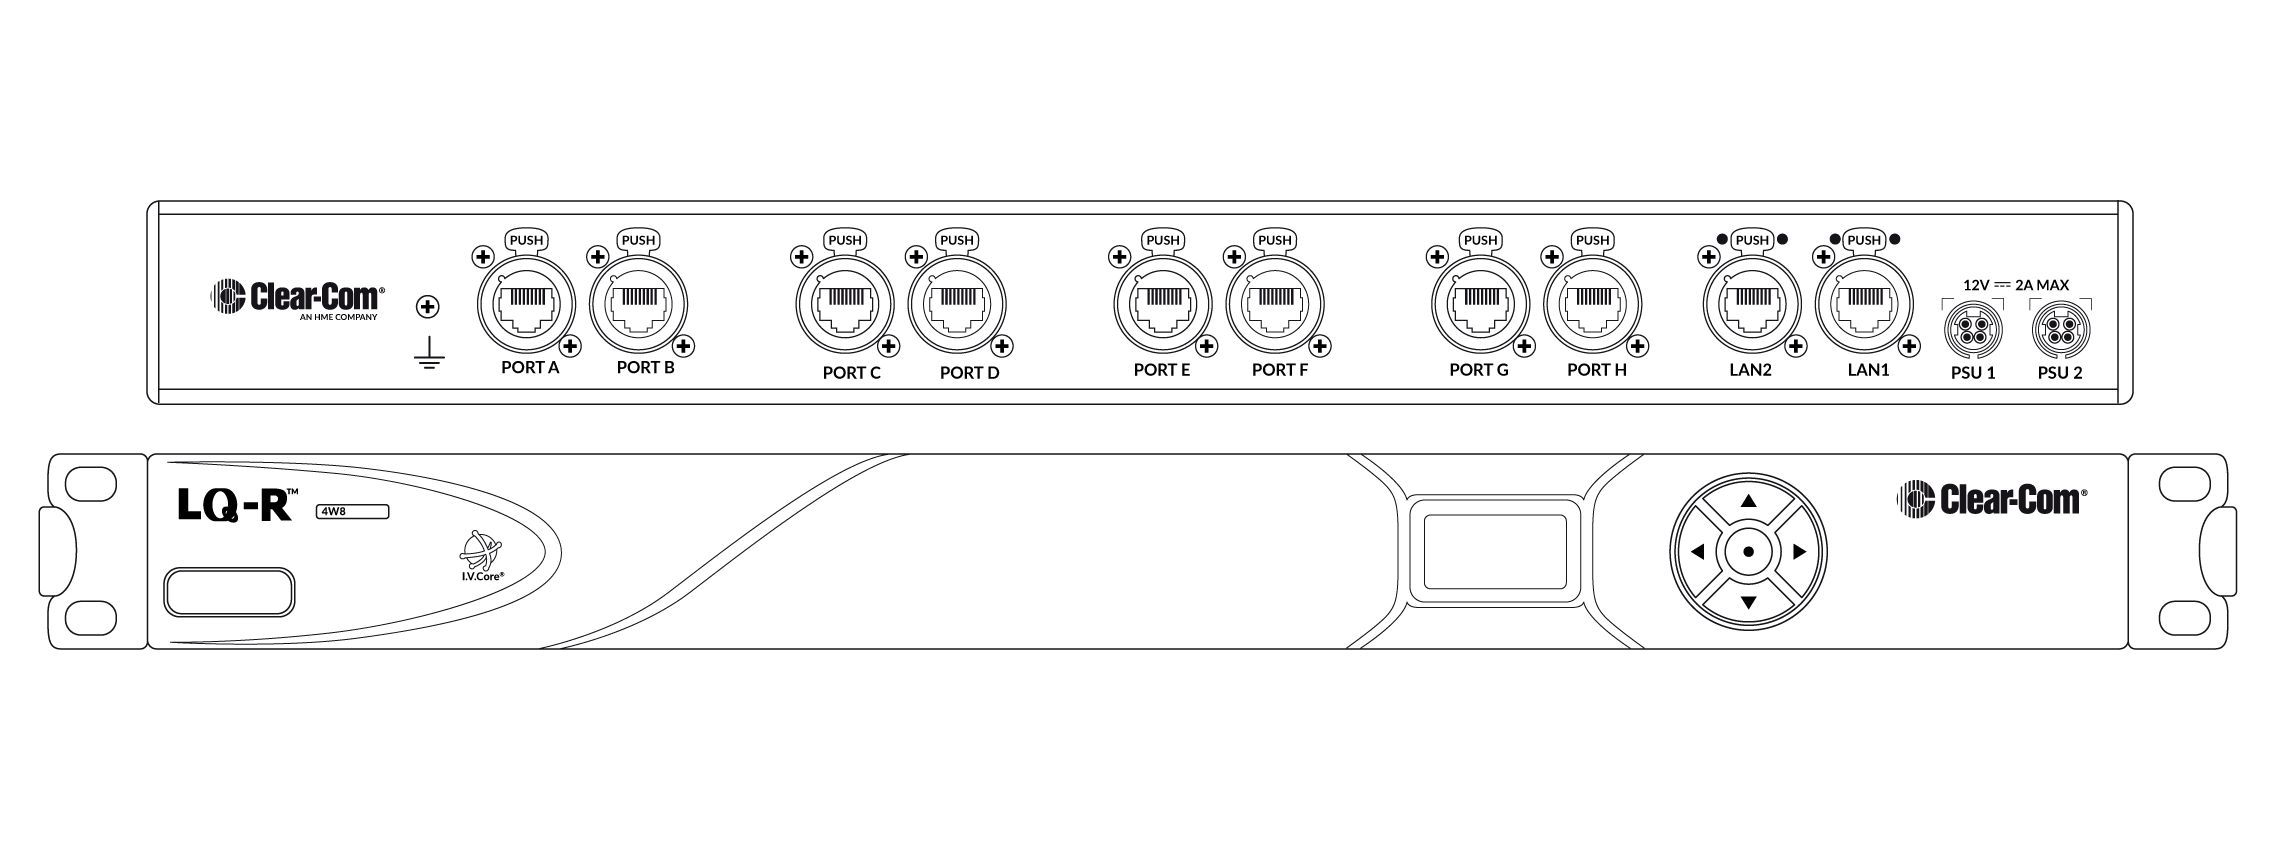 LQ-R4W8 | Clear-Com | Partyline, Digital Matrix, IP and Wireless